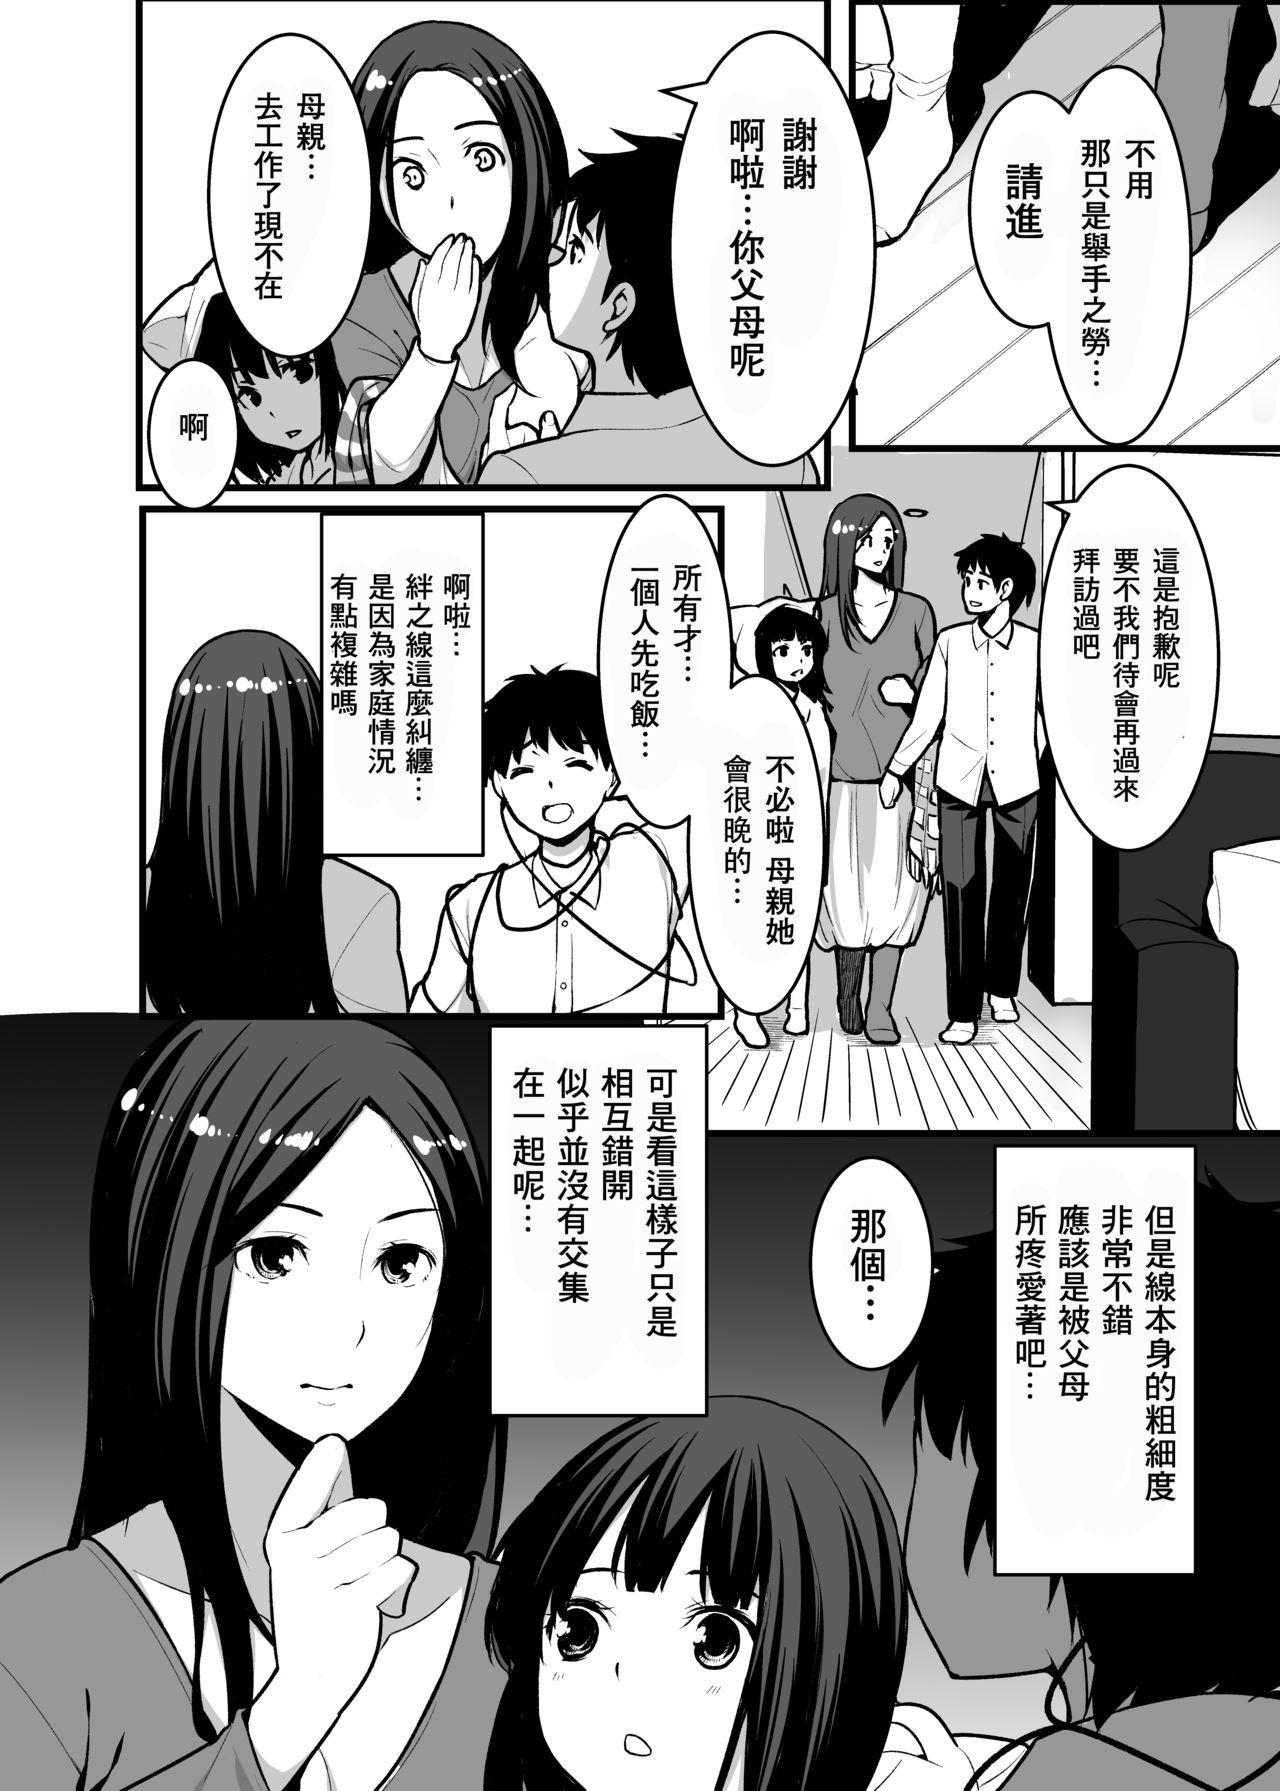 Kitsune no Yomeiri Oyakodon 10